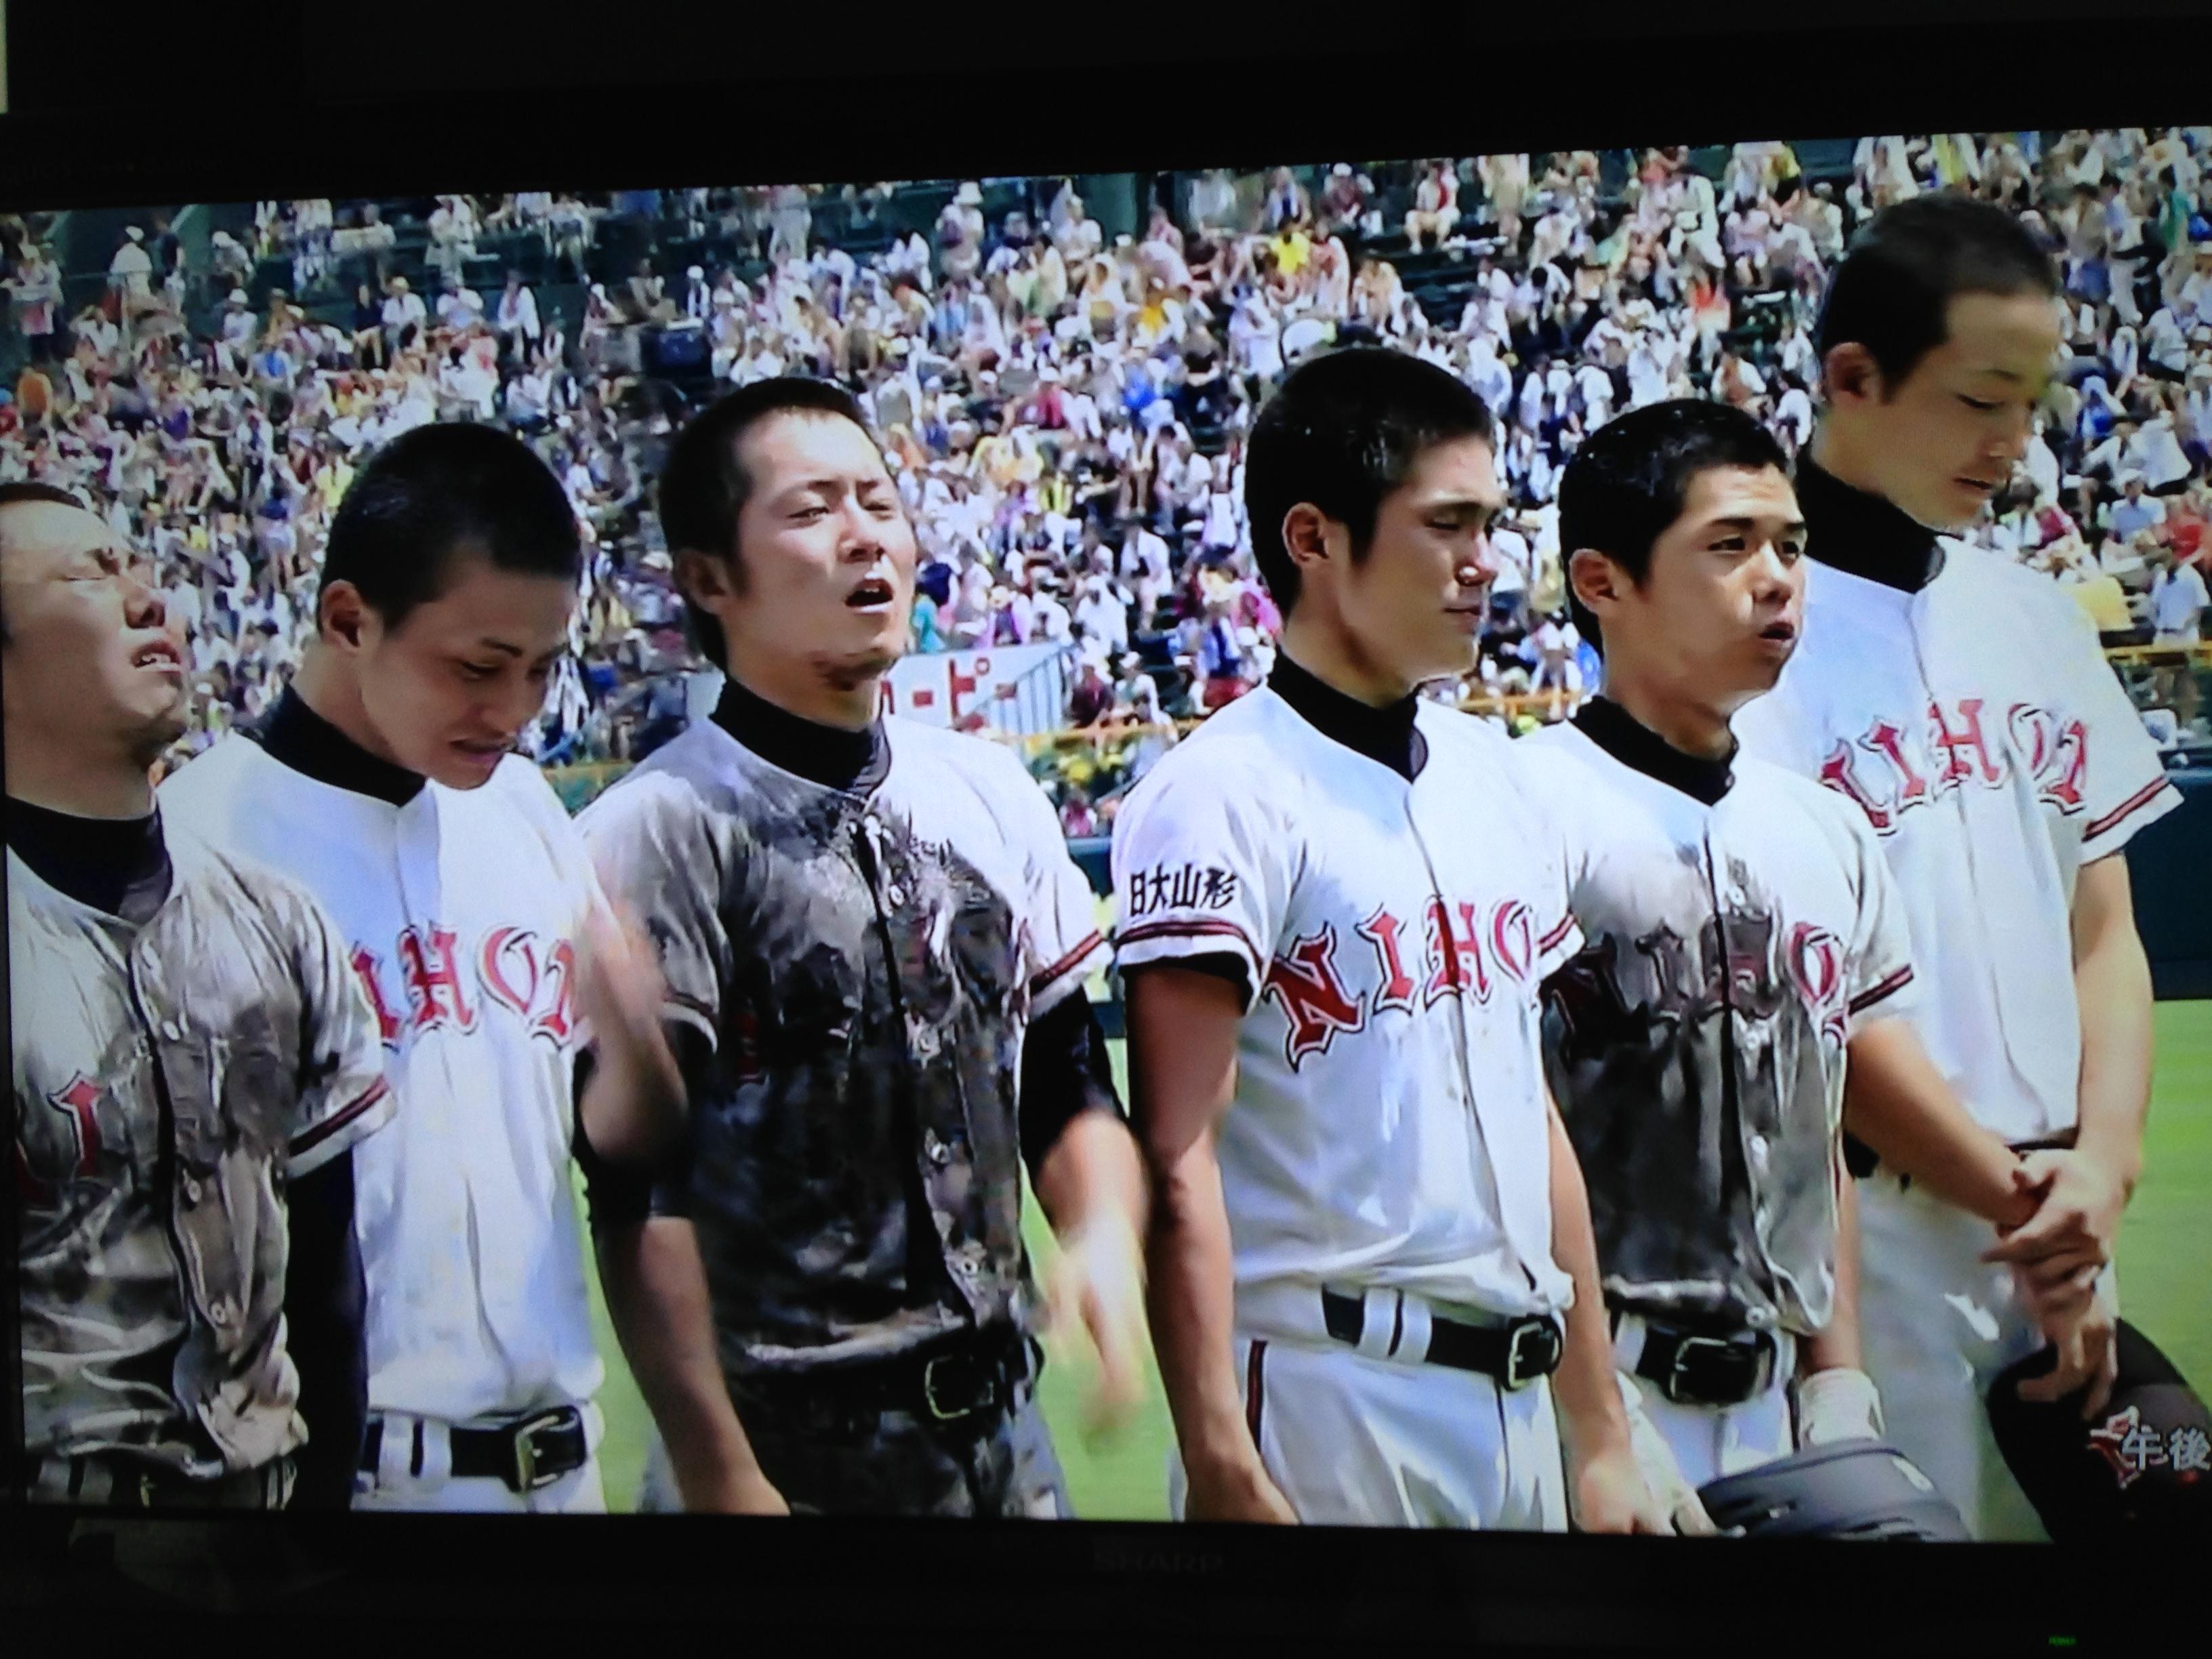 日大山形野球部の皆さん、甲子園...